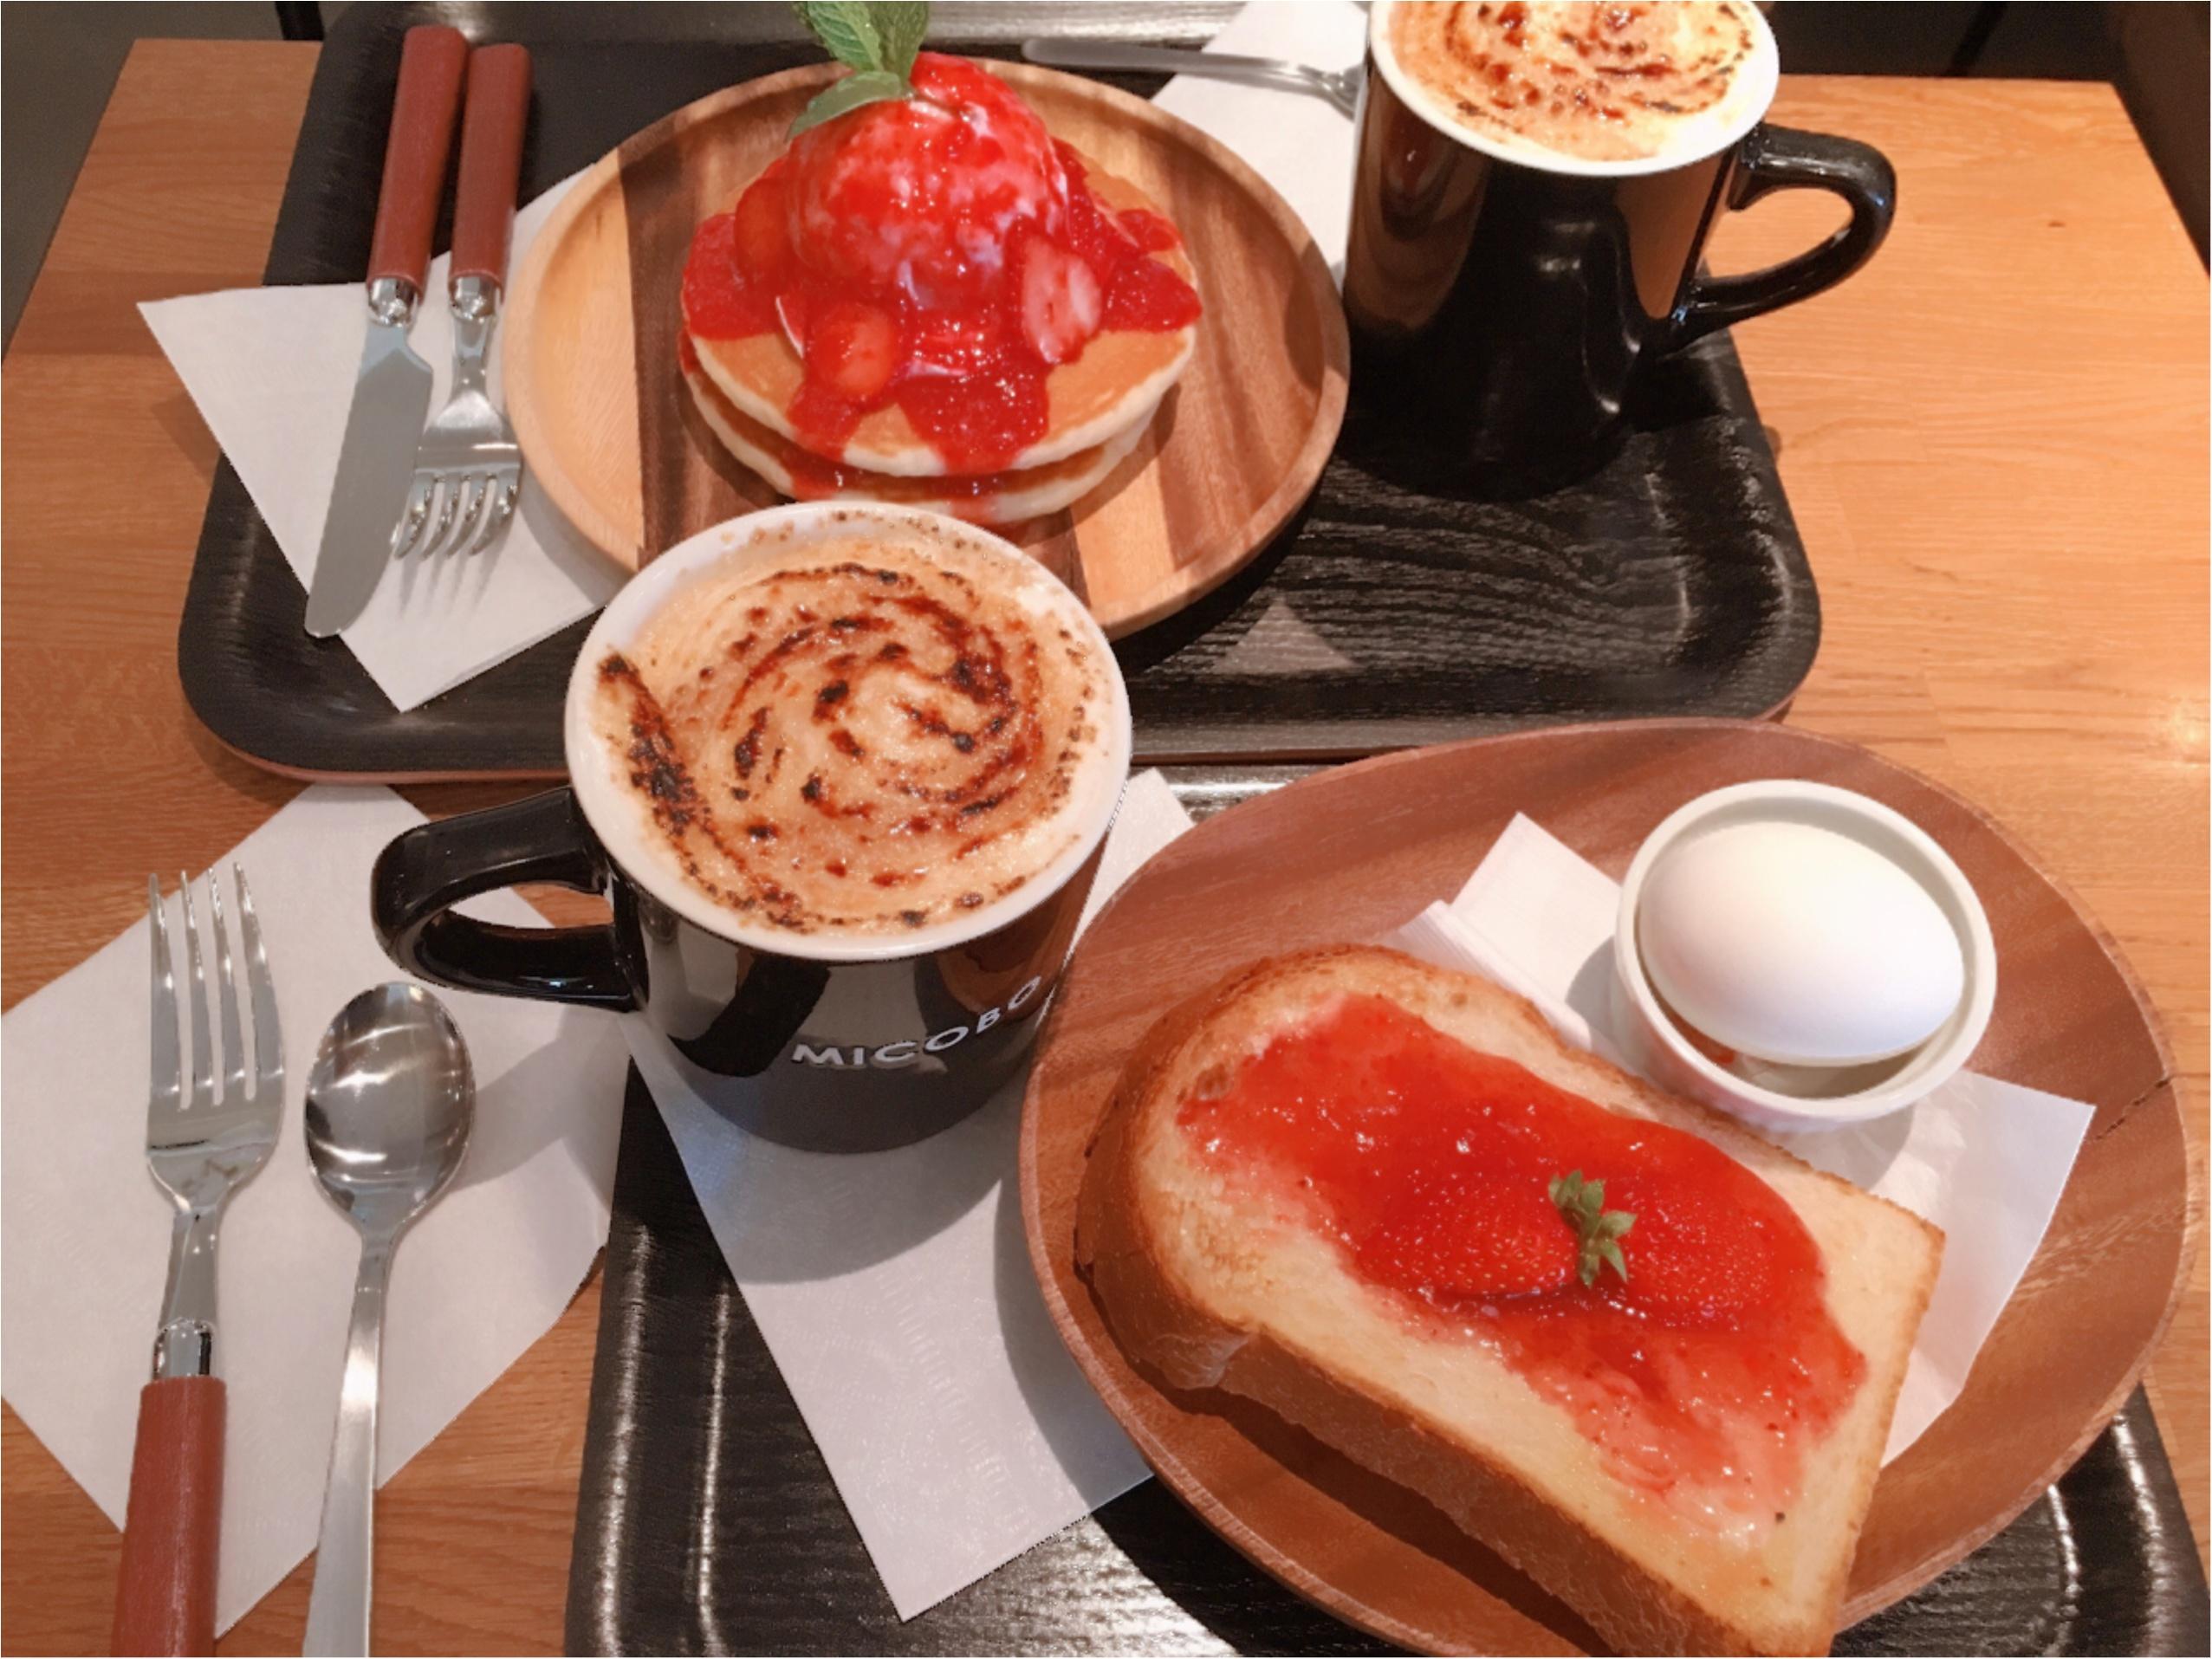 《ご当地モア❤︎大阪/神戸(兵庫)》おいしいトーストが食べたい!関西カフェ3選_4